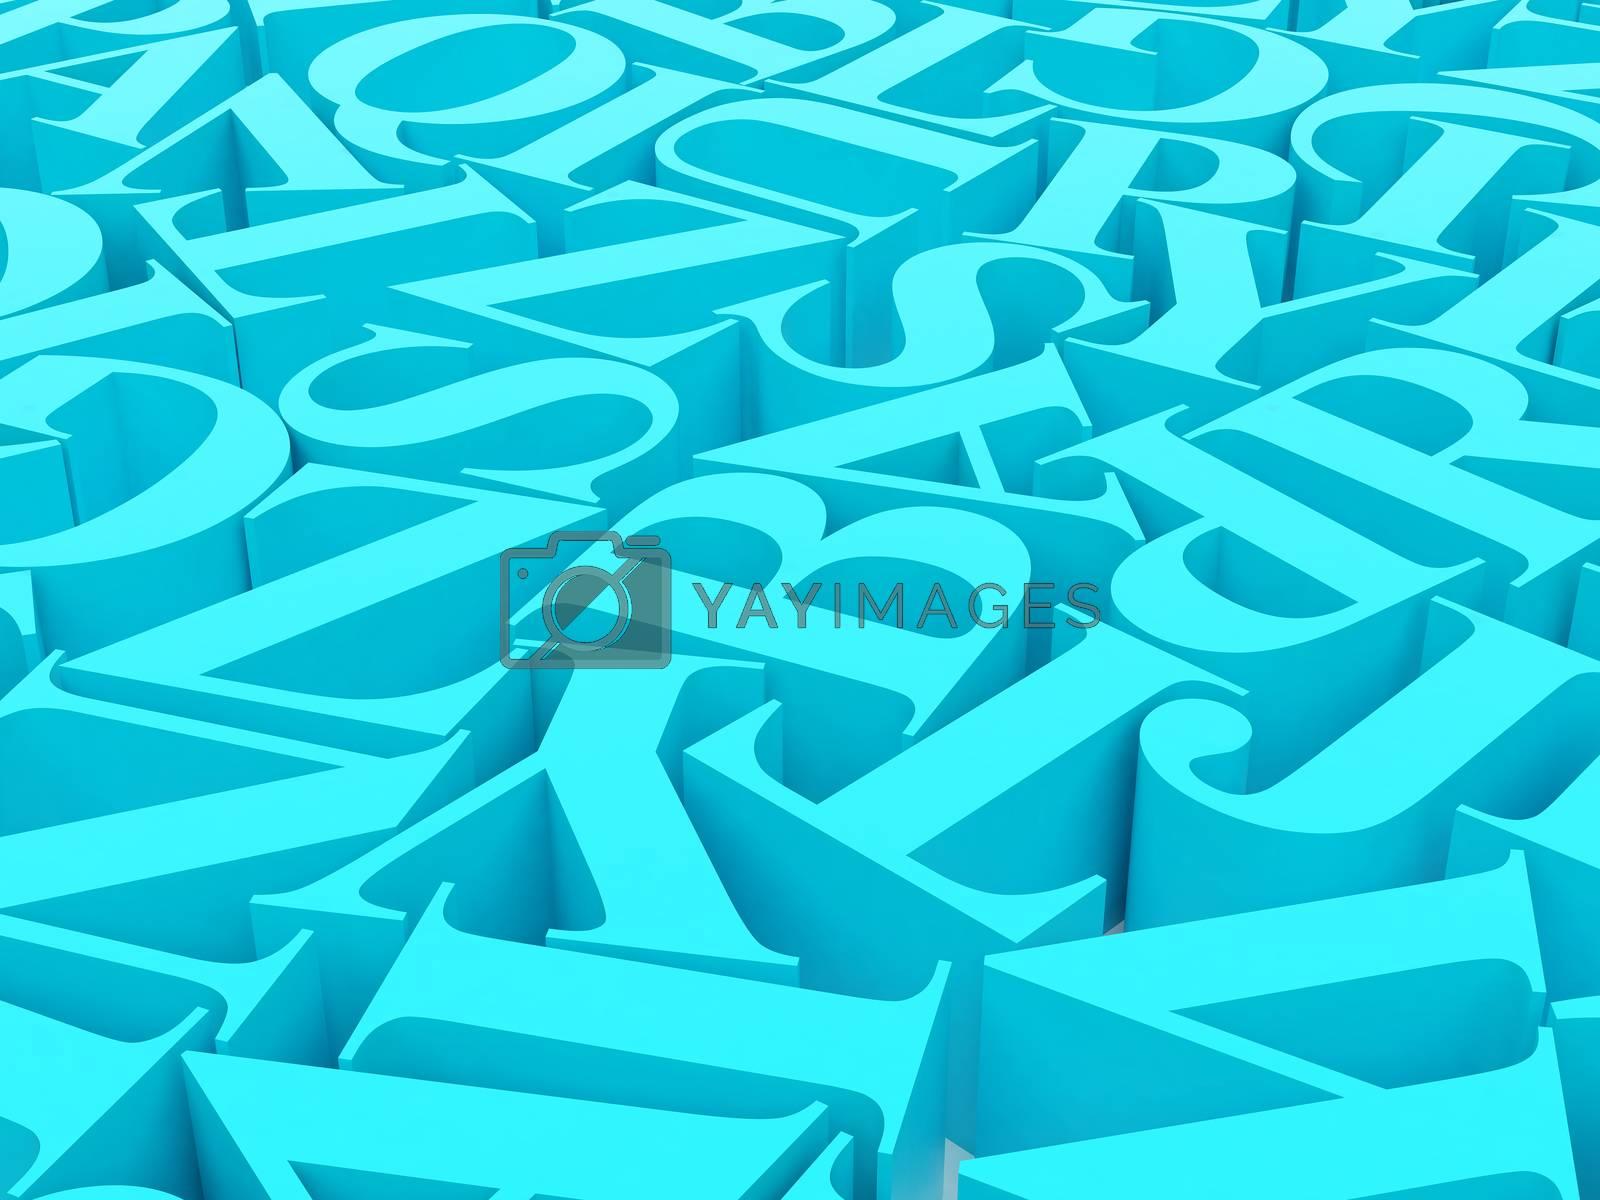 High resolution image. 3d rendered illustration. Background of alphabets.